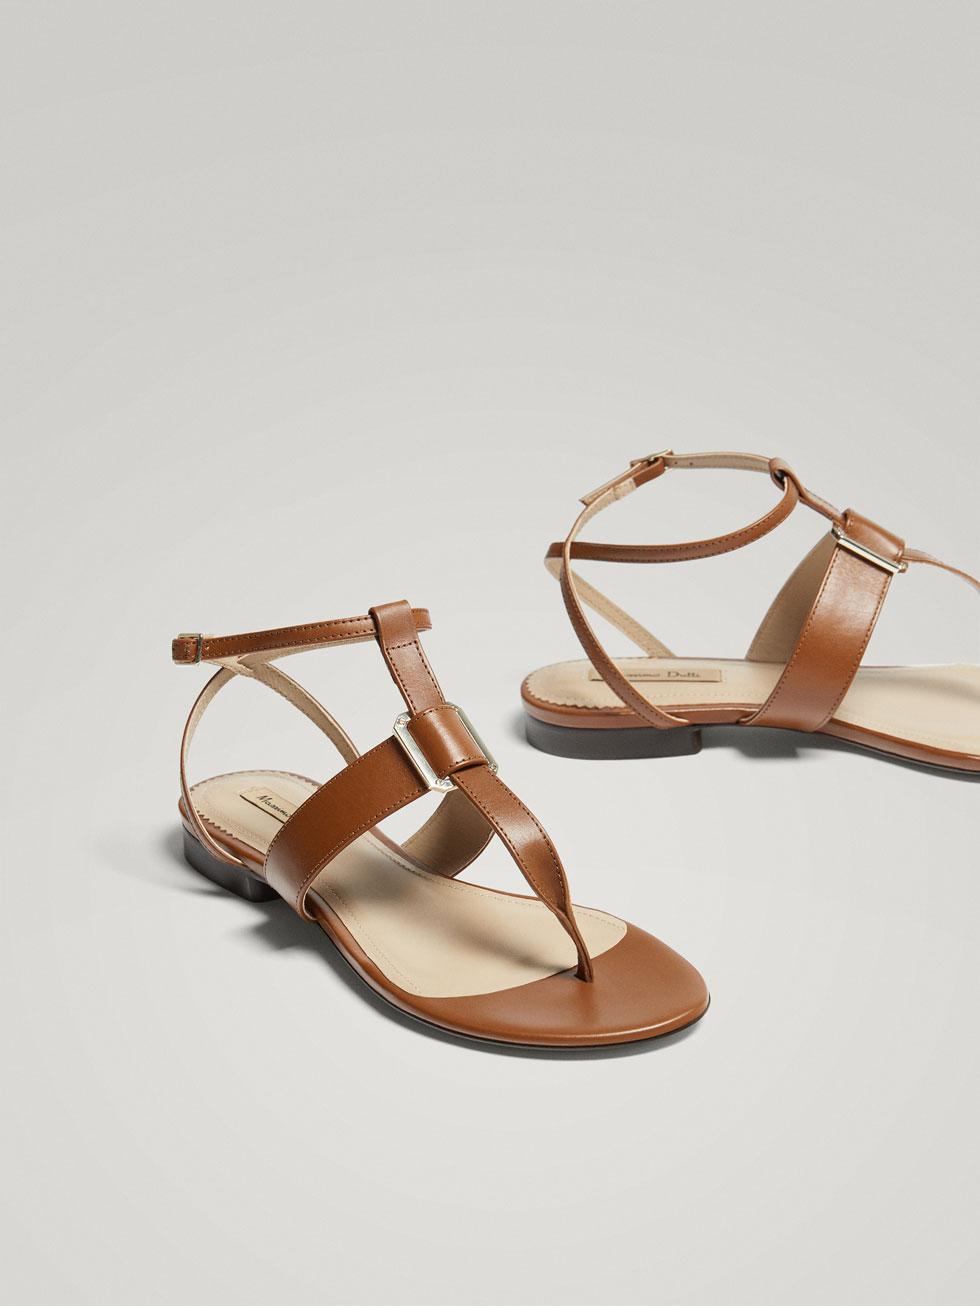 Sandalias de verano cómodos